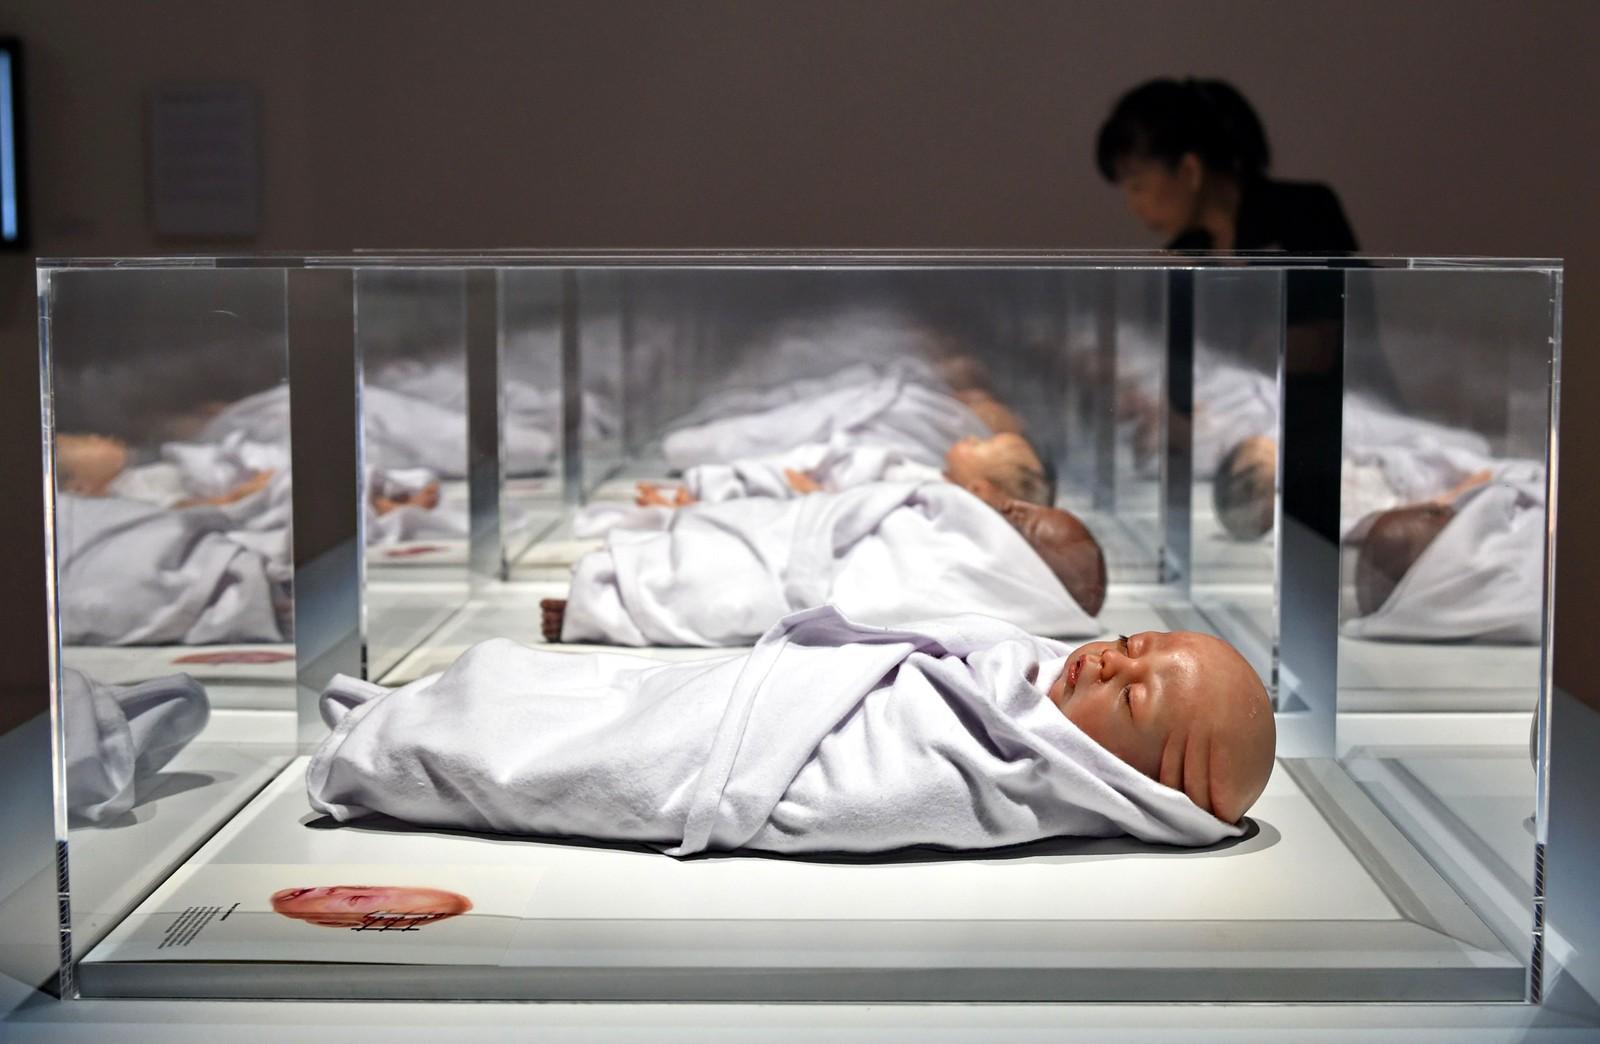 """Dette er kunstinstallasjonen """"Transfiguration"""" laget av Agatha Haines. Den er en del av en større utstilling kalt """"HUMAN+"""" på kunst- og vitenskapsmuseet ArtScience i Singapore. Mer enn 40 kunstnere stiller ut verker som handler om kunstig intelligens, menneskelignende roboter og genmodifisering."""